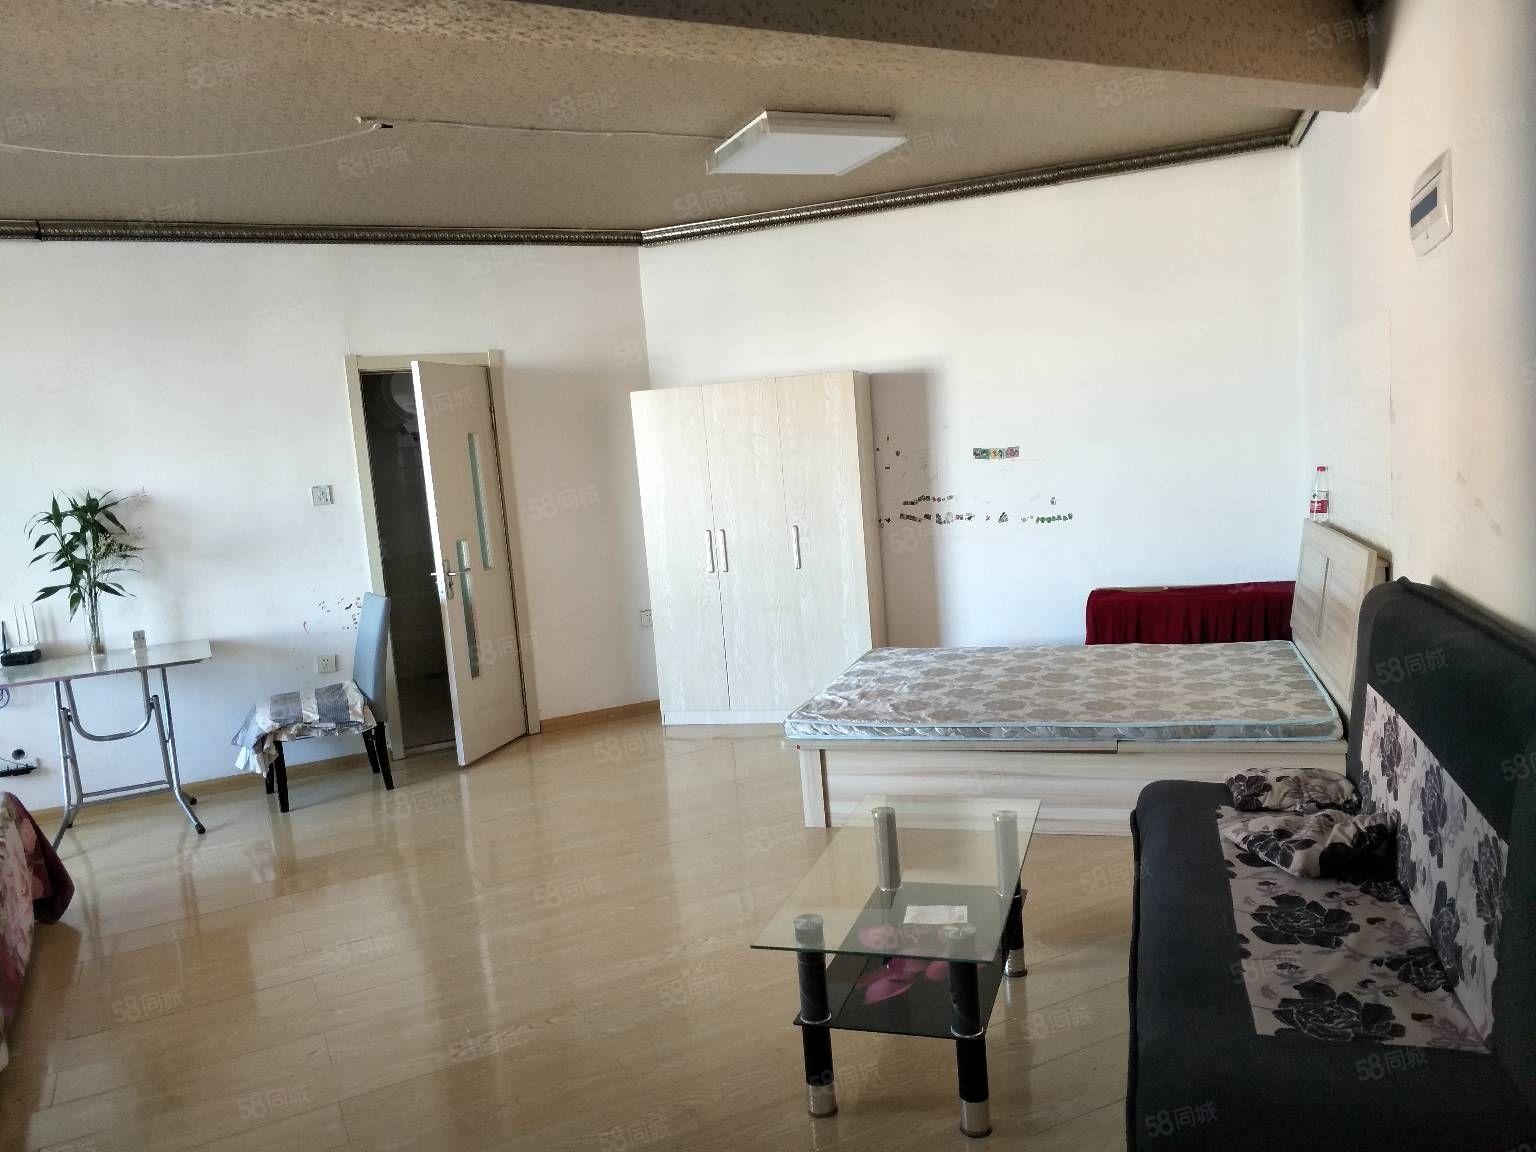 大商高层1室1厅60平米月付季度均可随时看房